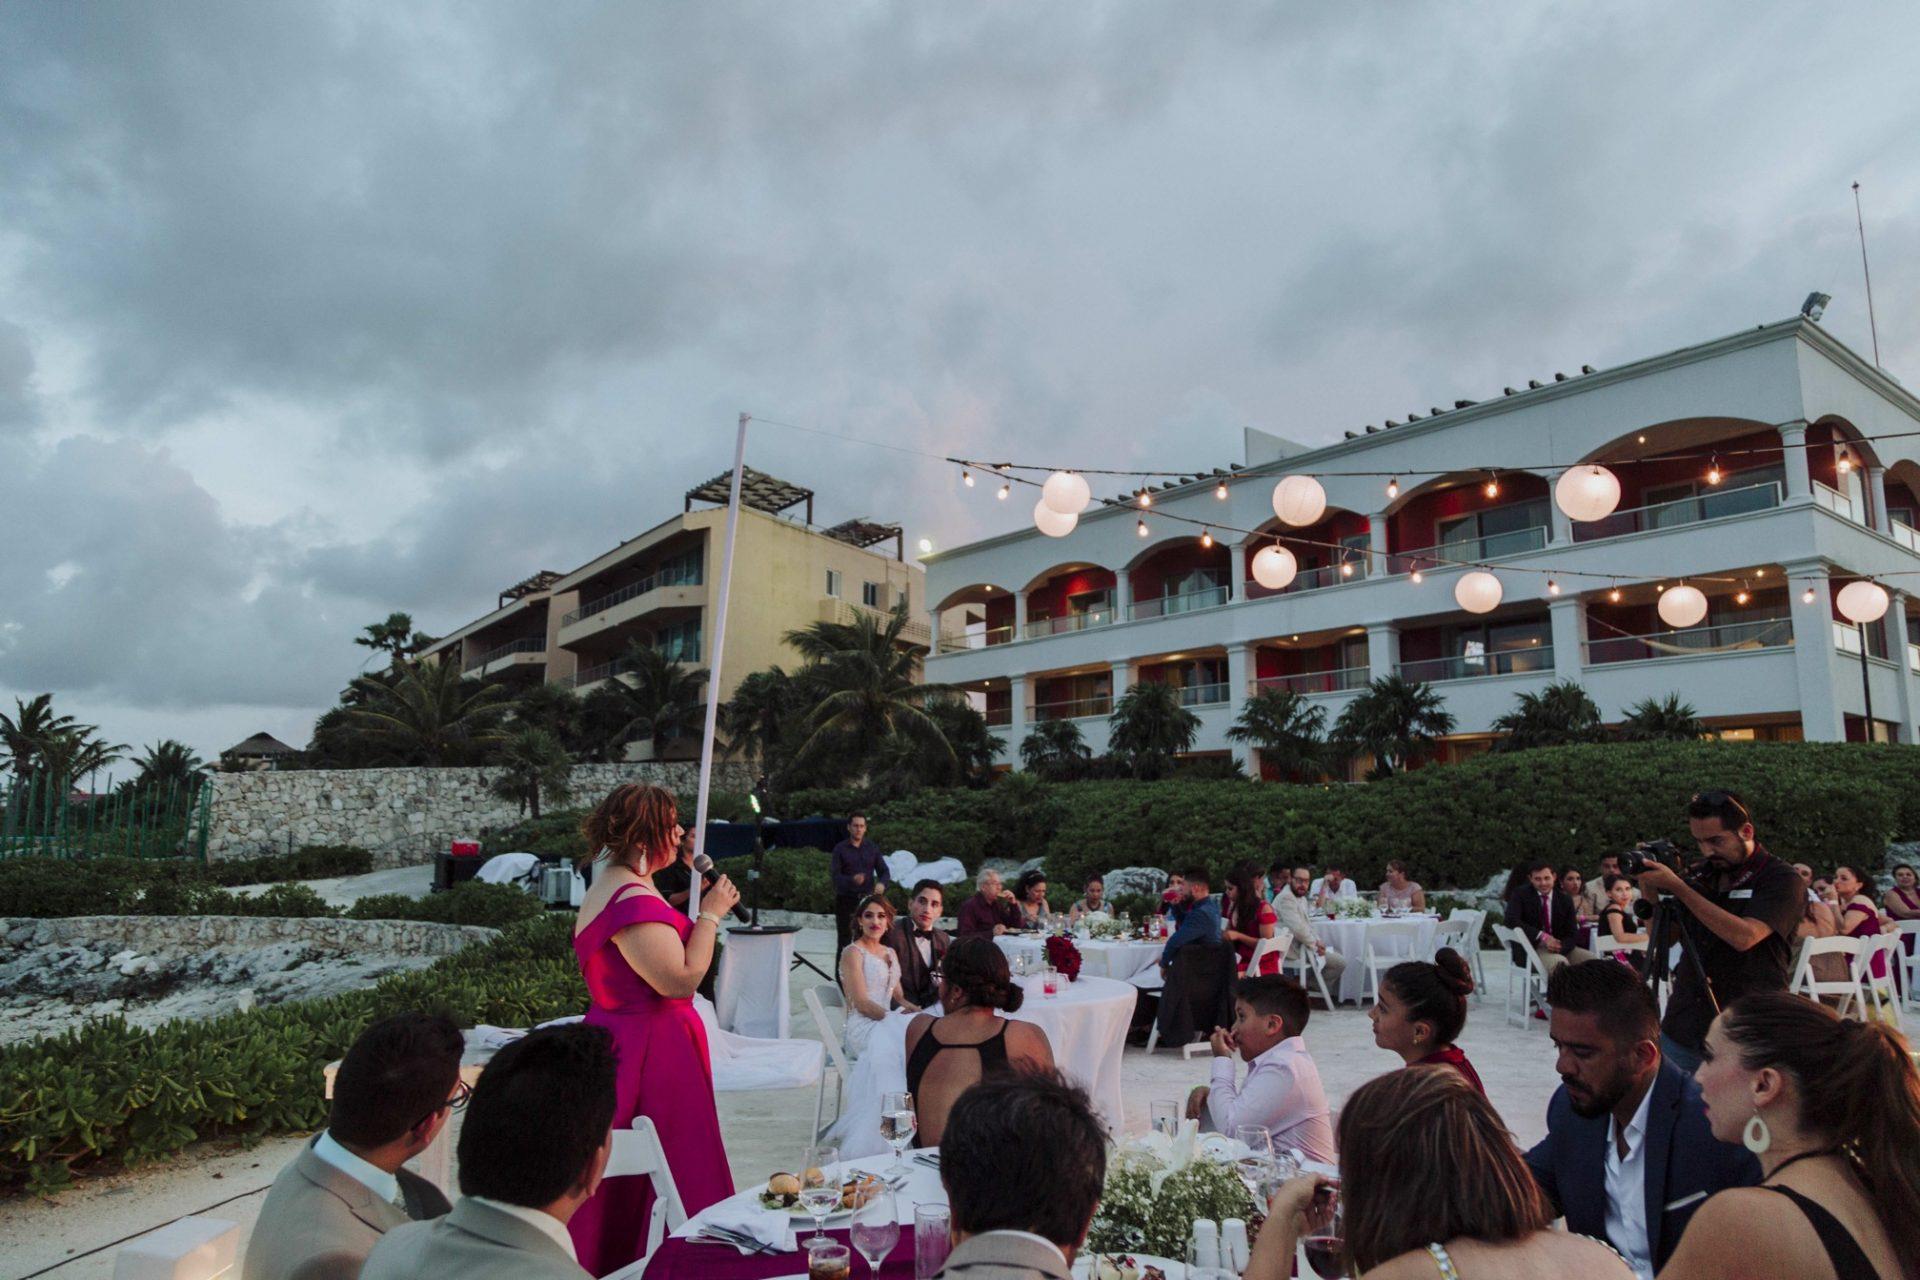 fotografo_bodas_profesional_zacatecas_riviera_maya_cancun-272